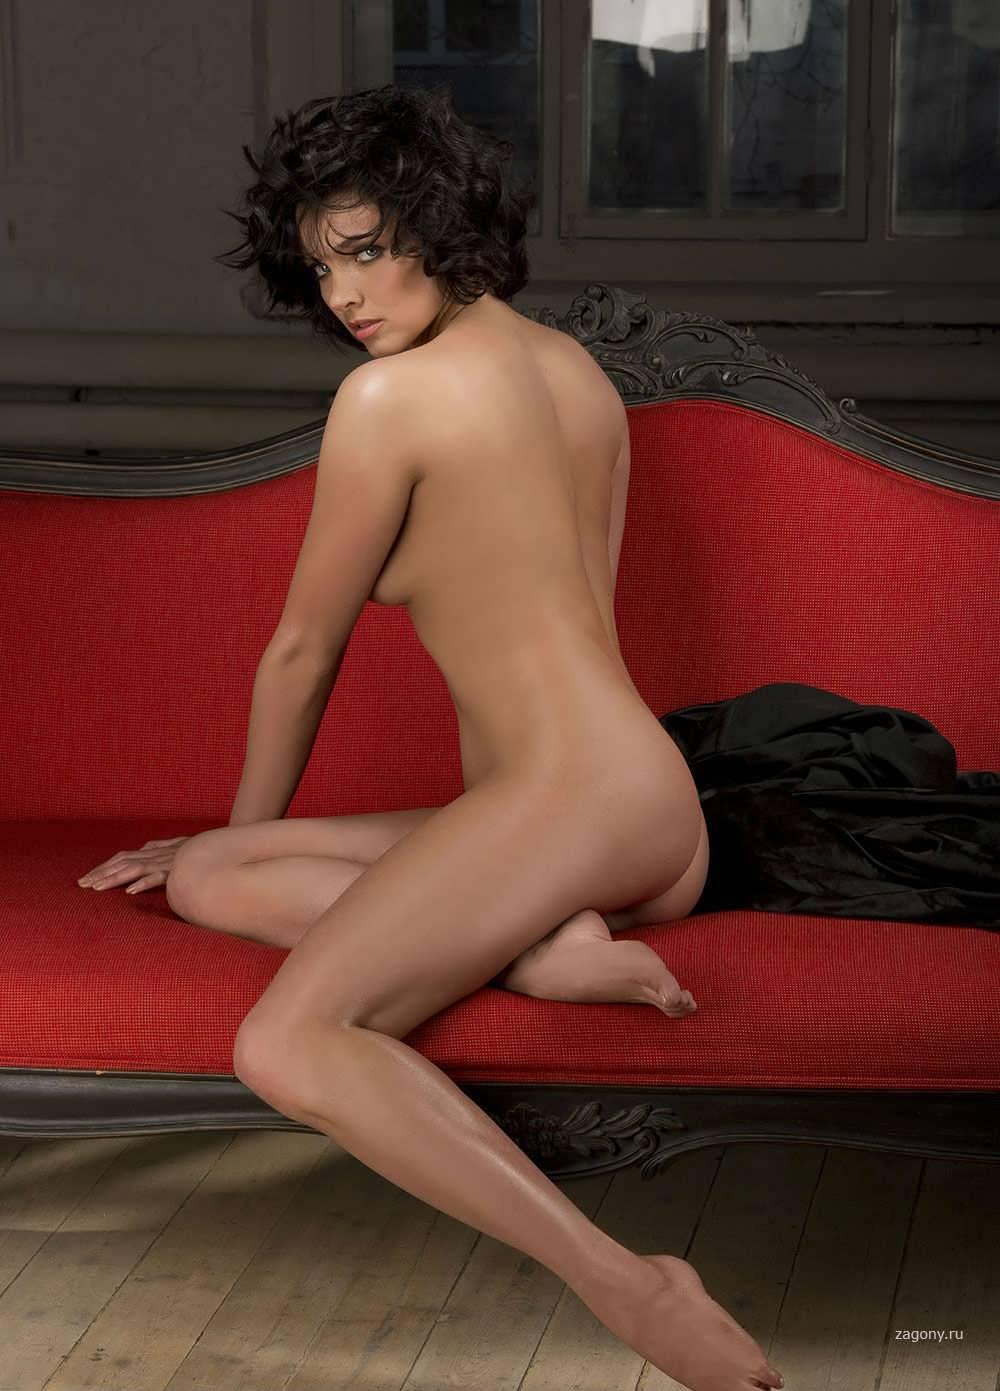 elena-podkaminskaya-eroticheskie-foto